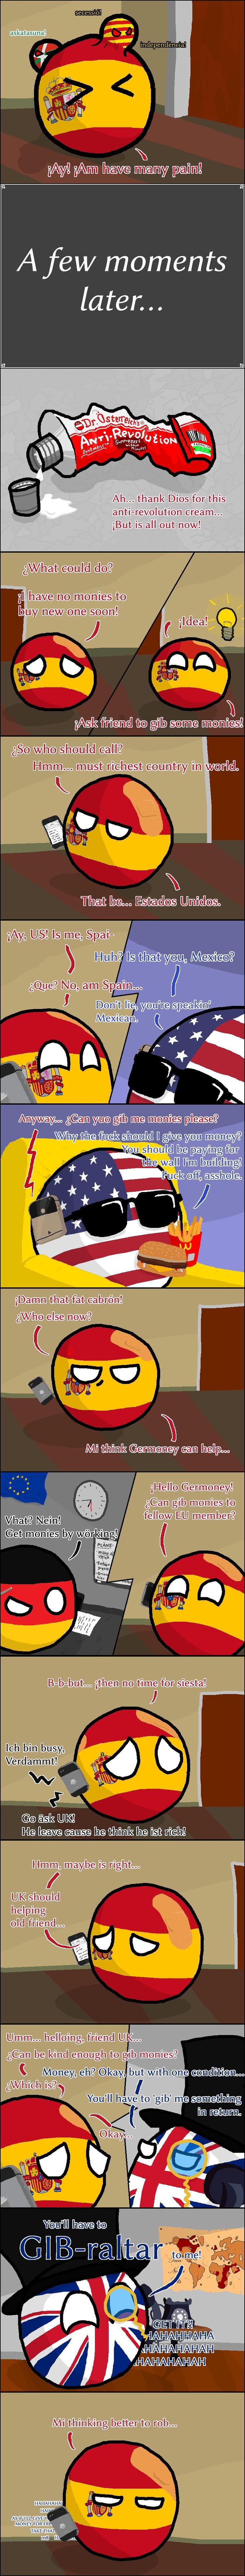 Poor Spain (Spain, USA, Germany, UK)